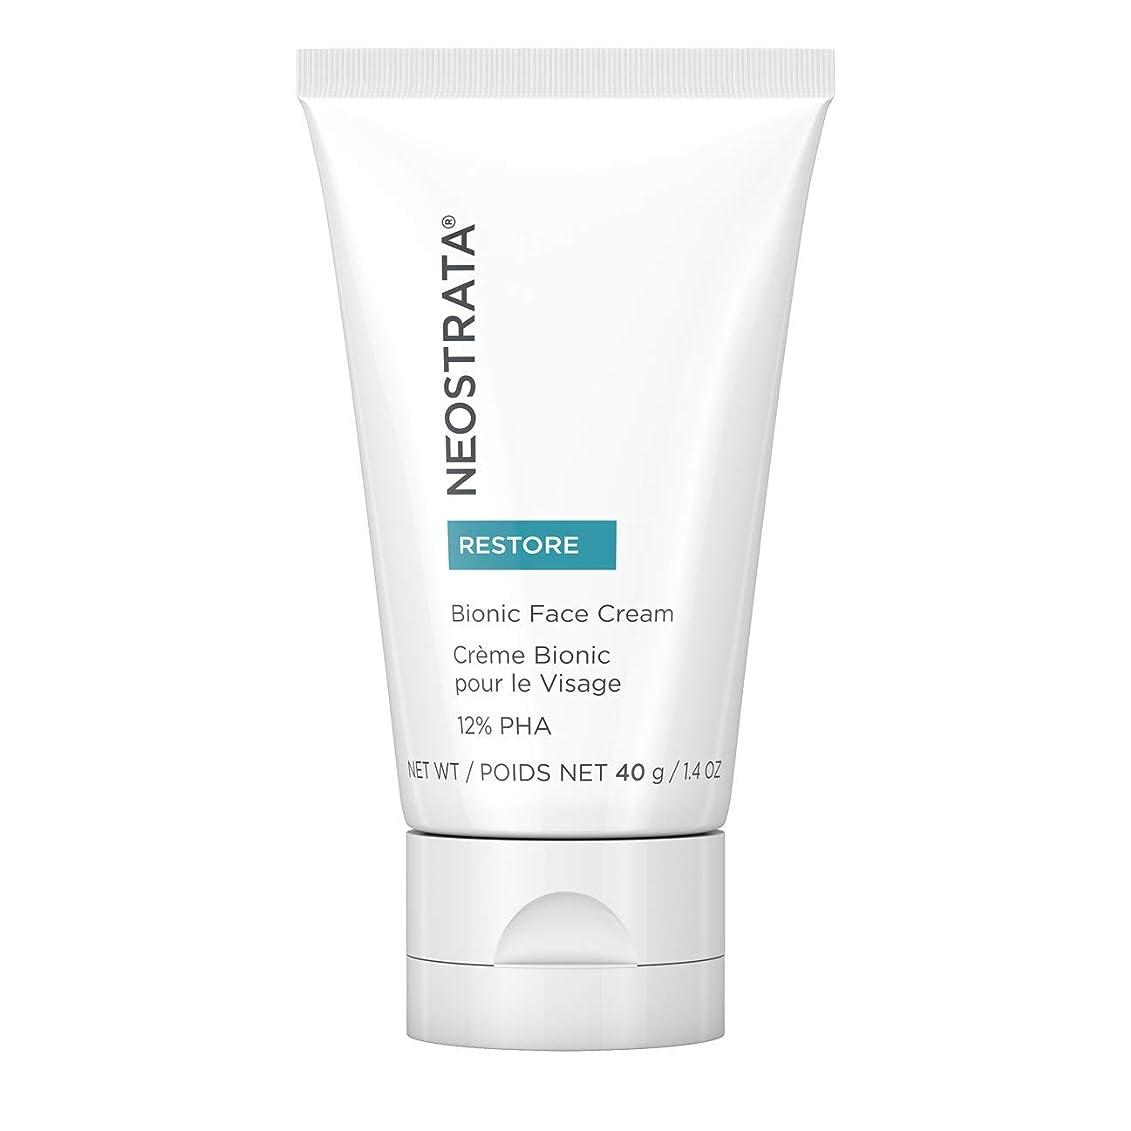 適格めまいウェイトレスネオストラータ Restore - Bionic Face Cream 12% PHA 14g/1.4oz並行輸入品